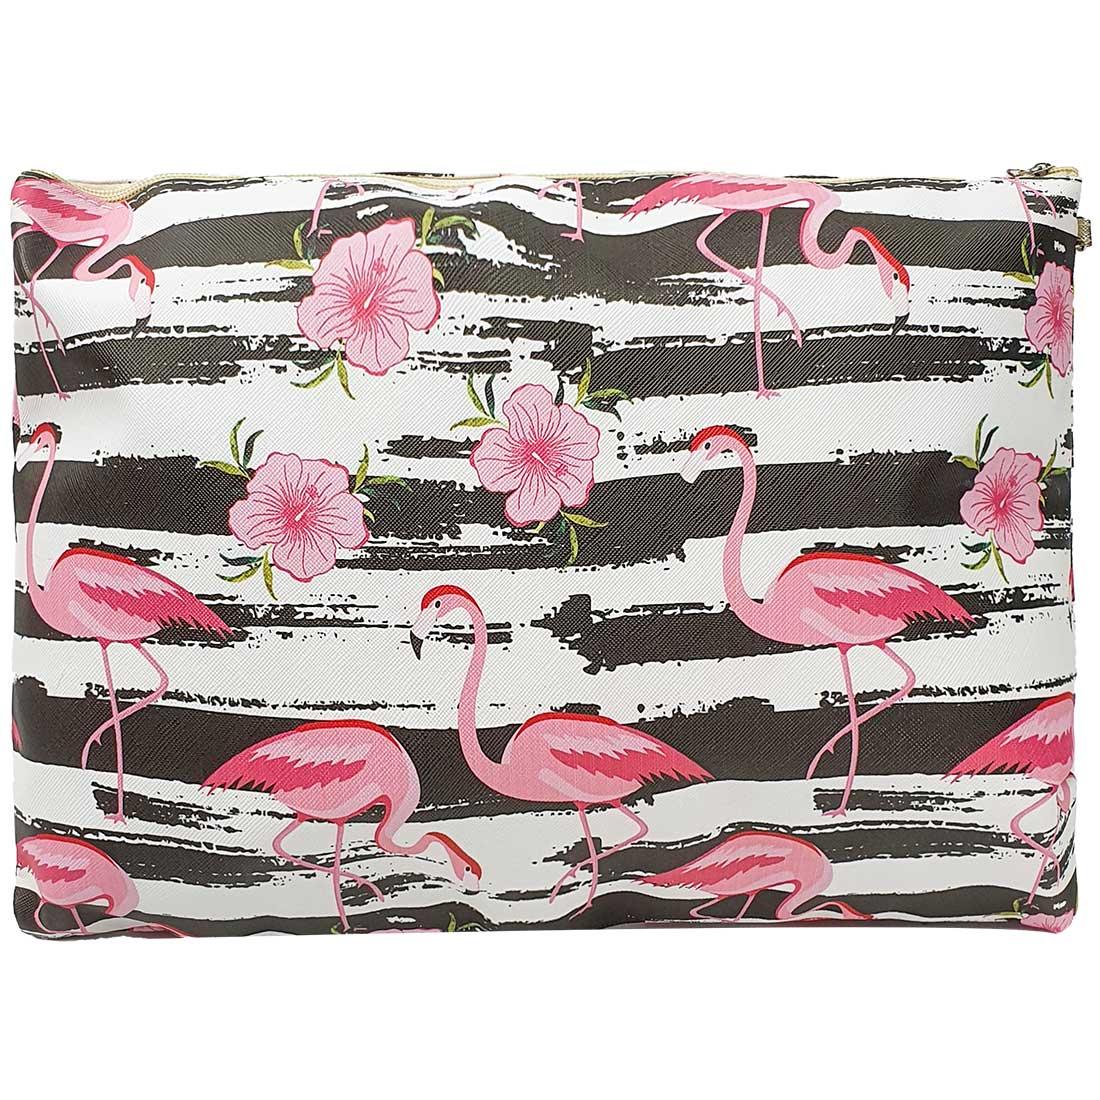 Necessaire Quadrada de Flamingo Listrada - Branca e Preta